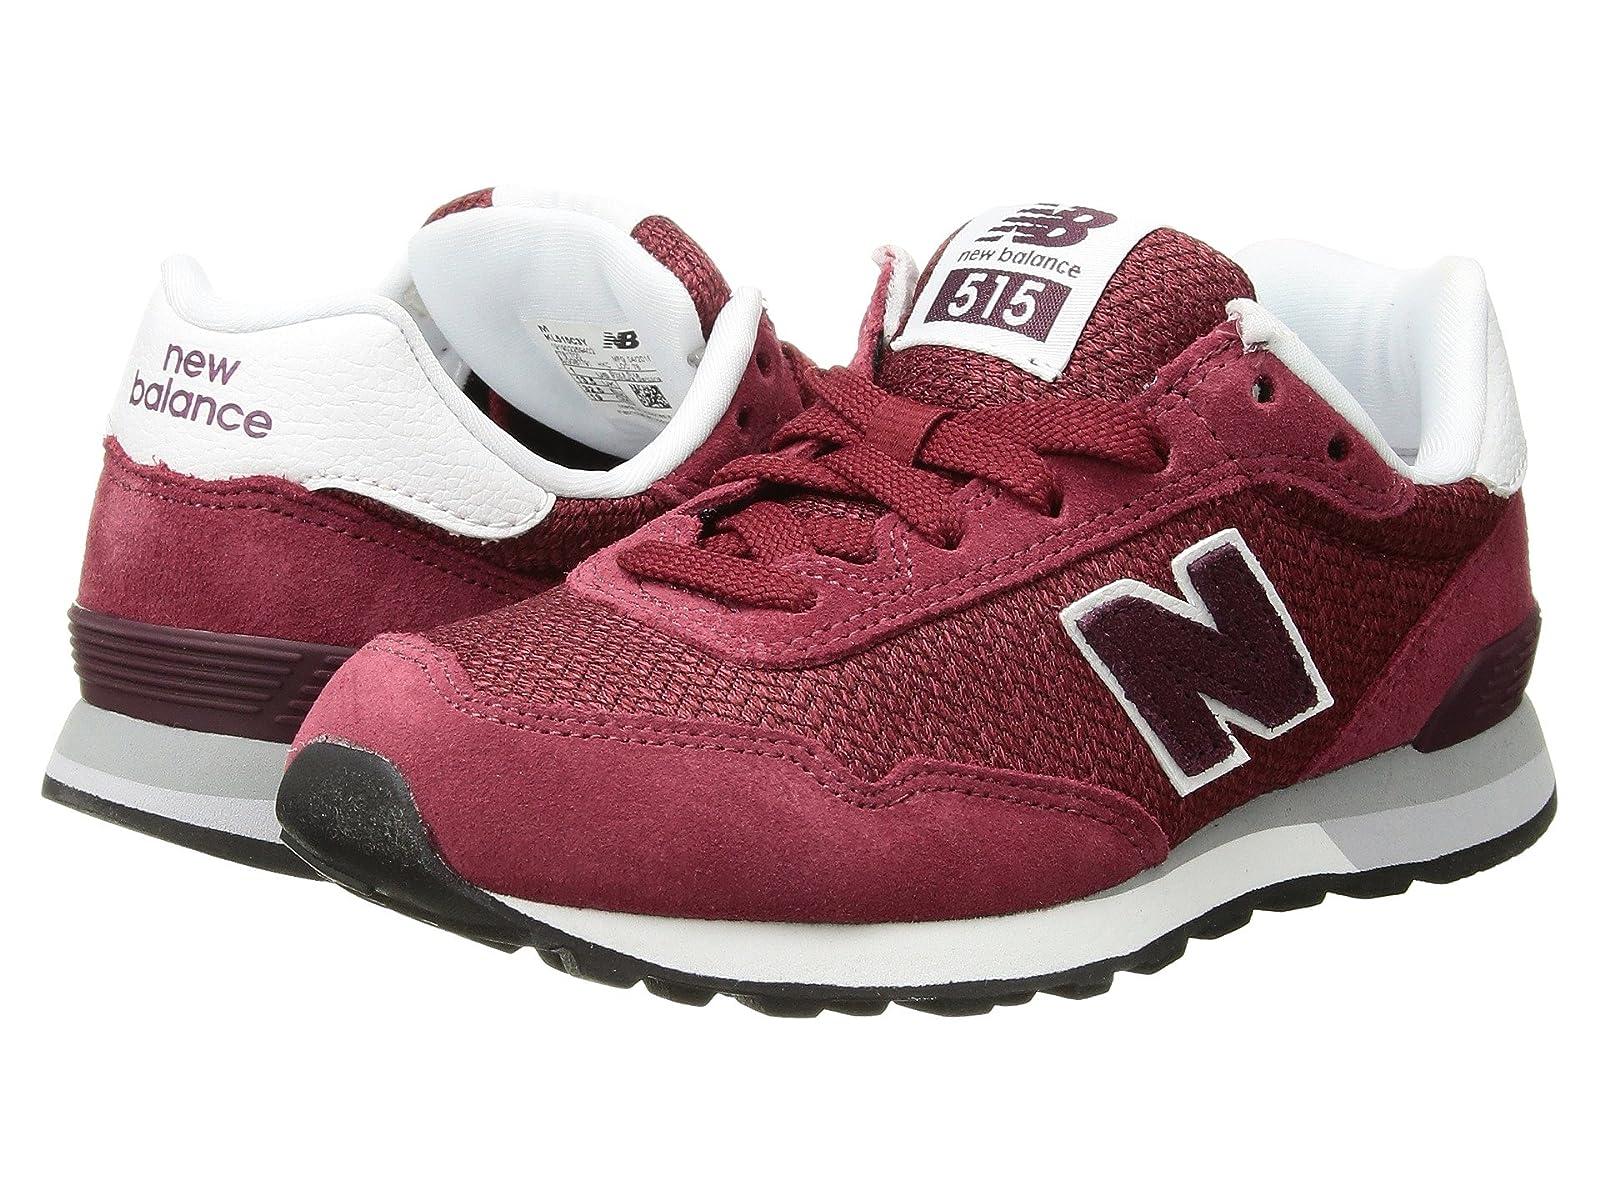 New Balance Kids KL515v1Y (Little Kid/Big Kid)Atmospheric grades have affordable shoes